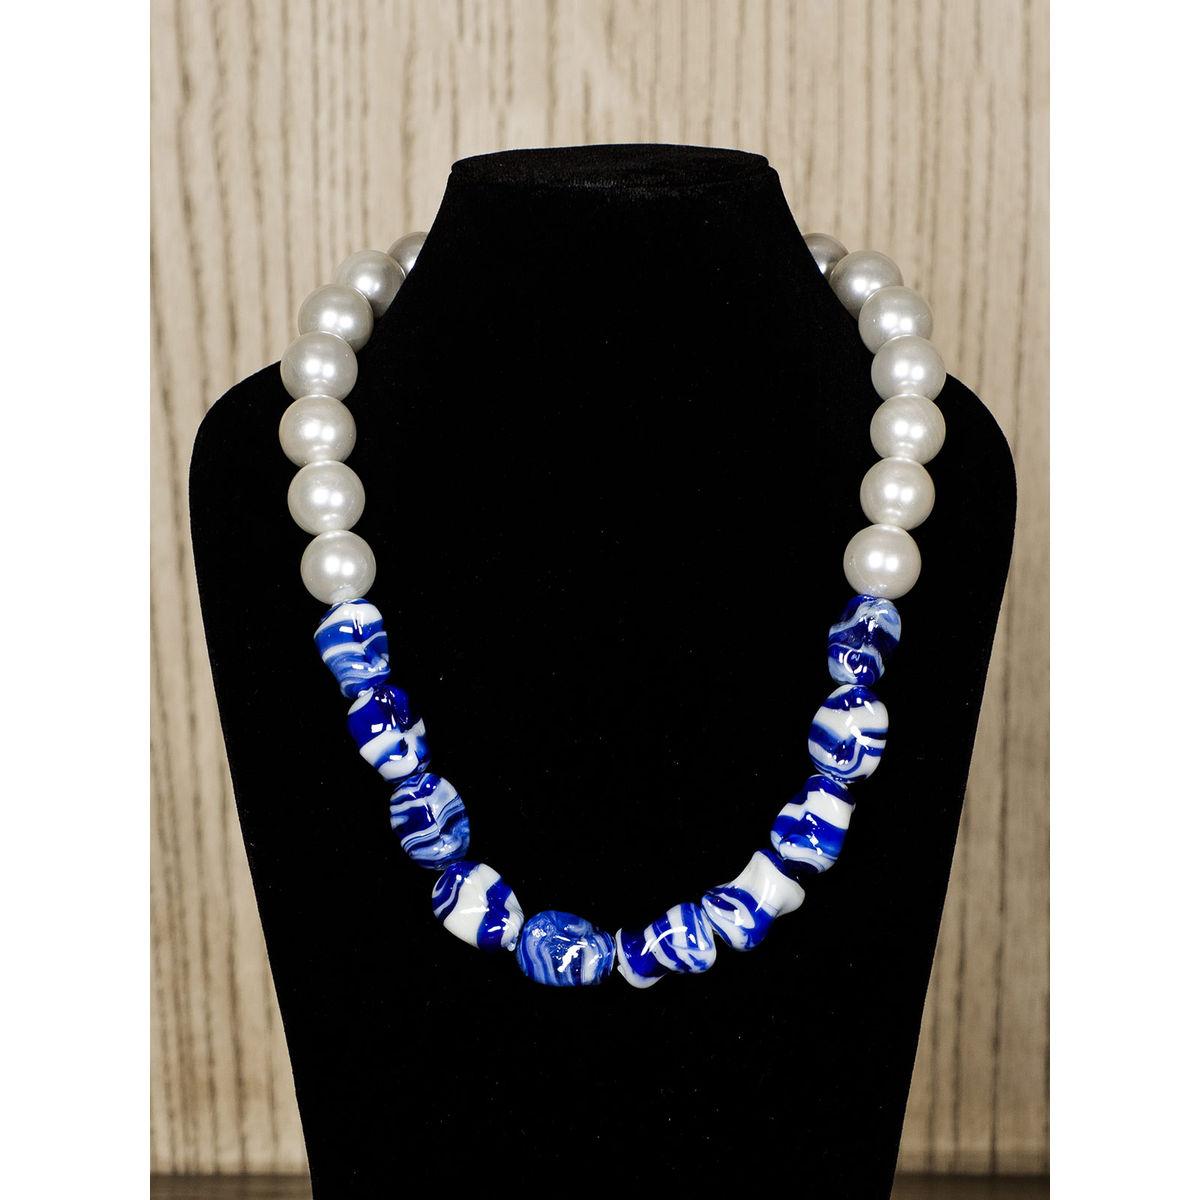 Snow Semiprecious Stone Necklace